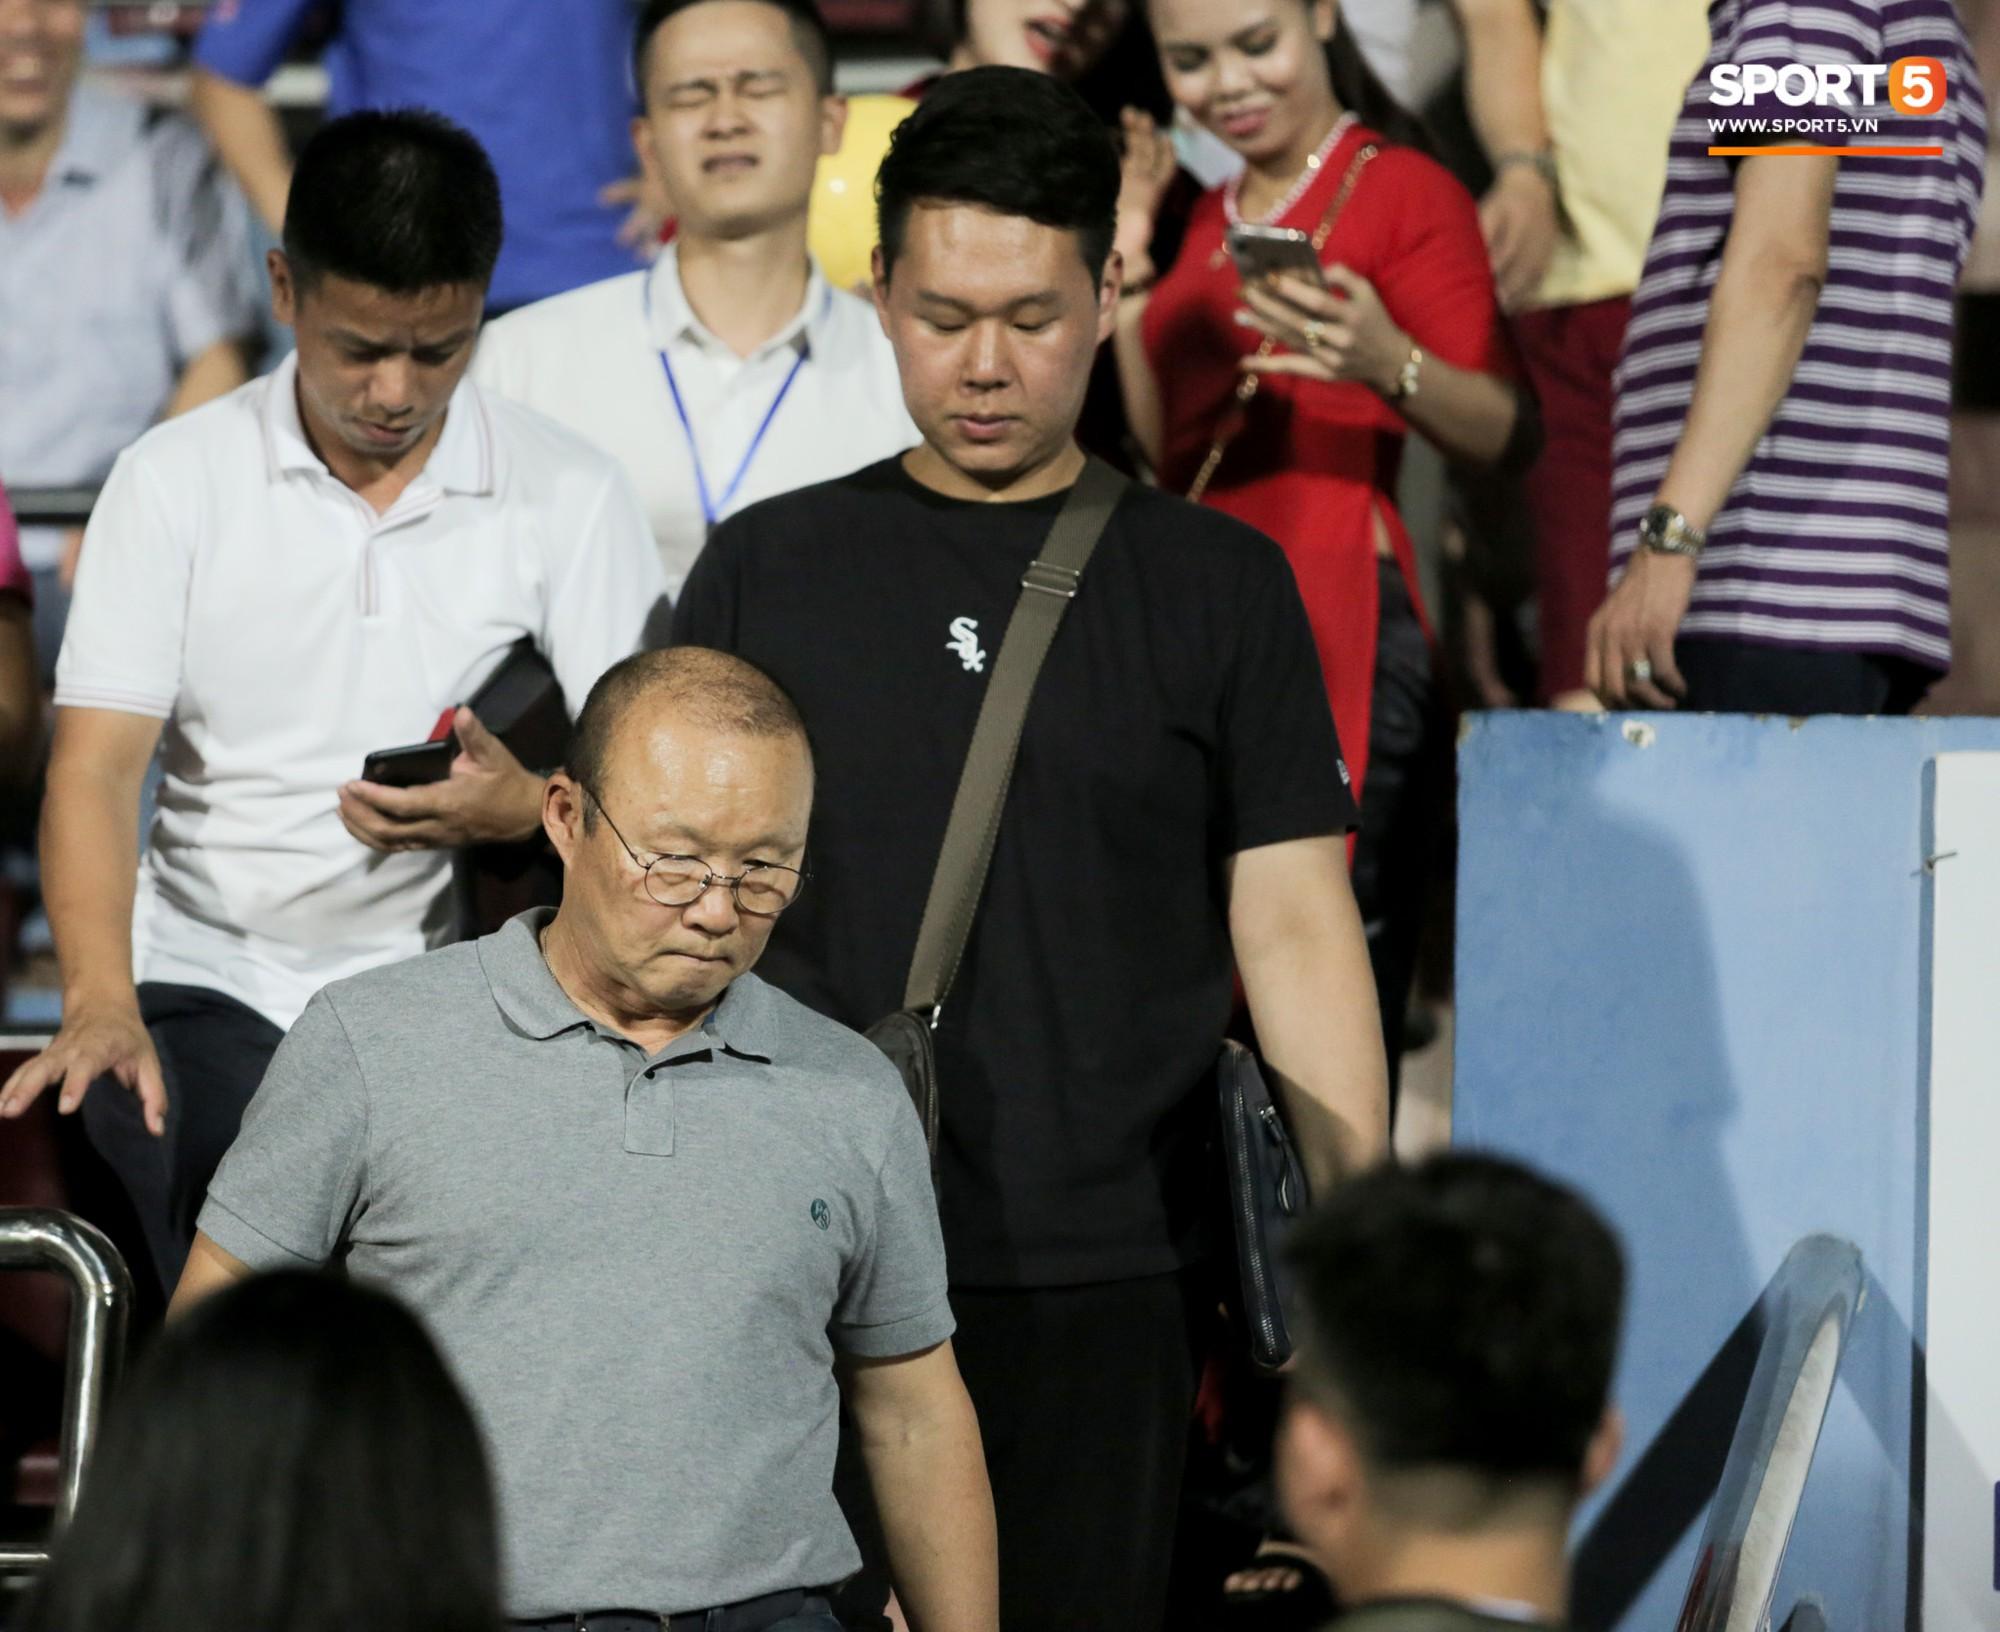 Thầy Park an ủi, Đình Trọng vẫn buồn thiu lặng nhìn đội nhà thua trận trước Nam Định - Ảnh 2.